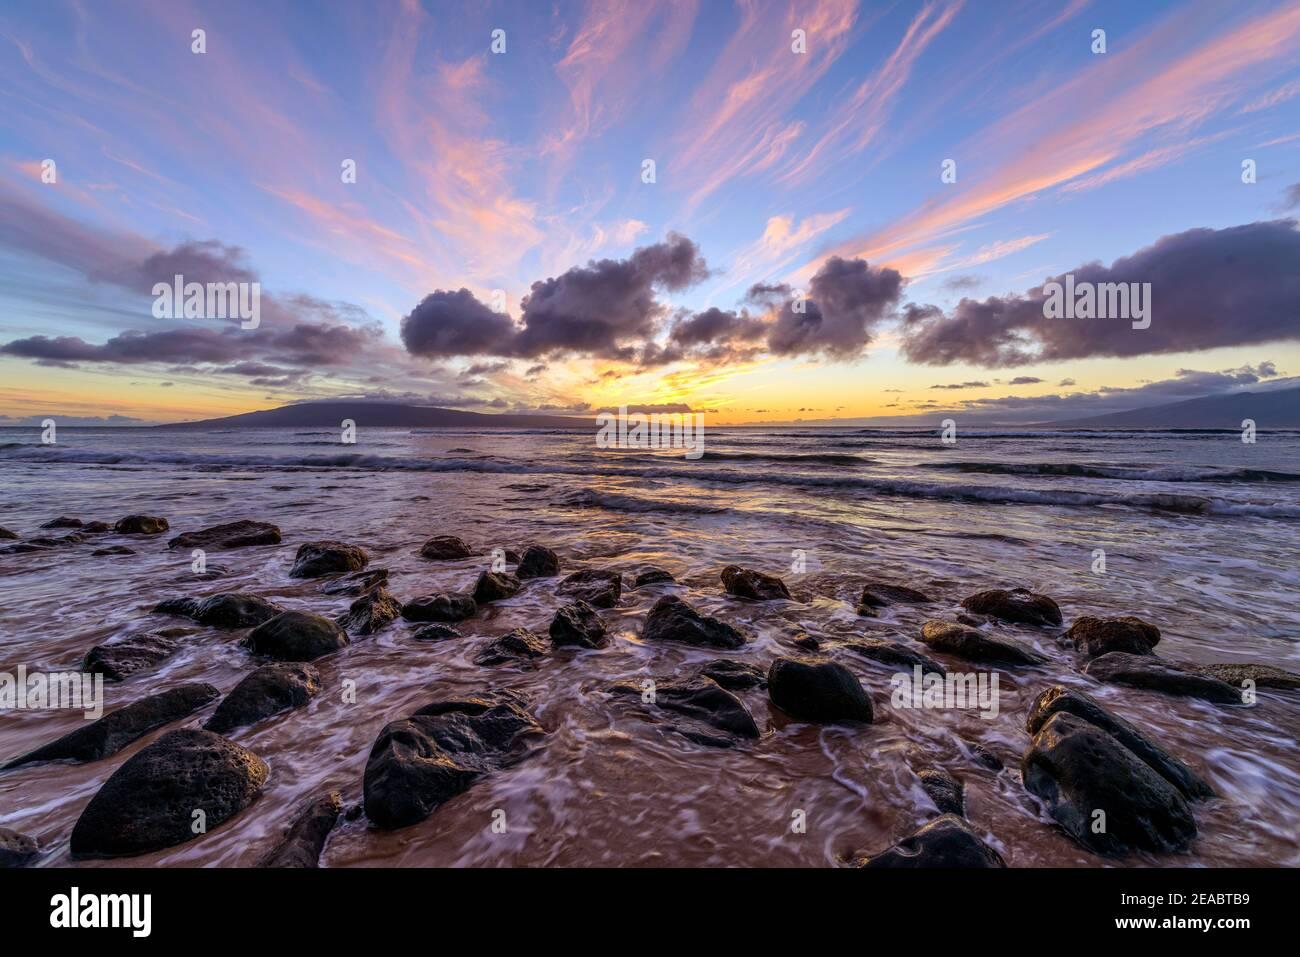 Sunset Rocky Coast - una colorata vista del tramonto su una costa rocciosa della costa nord-occidentale dell'isola di Maui, con l'isola di Lanai all'orizzonte. Maui, Hawaii, Stati Uniti. Foto Stock